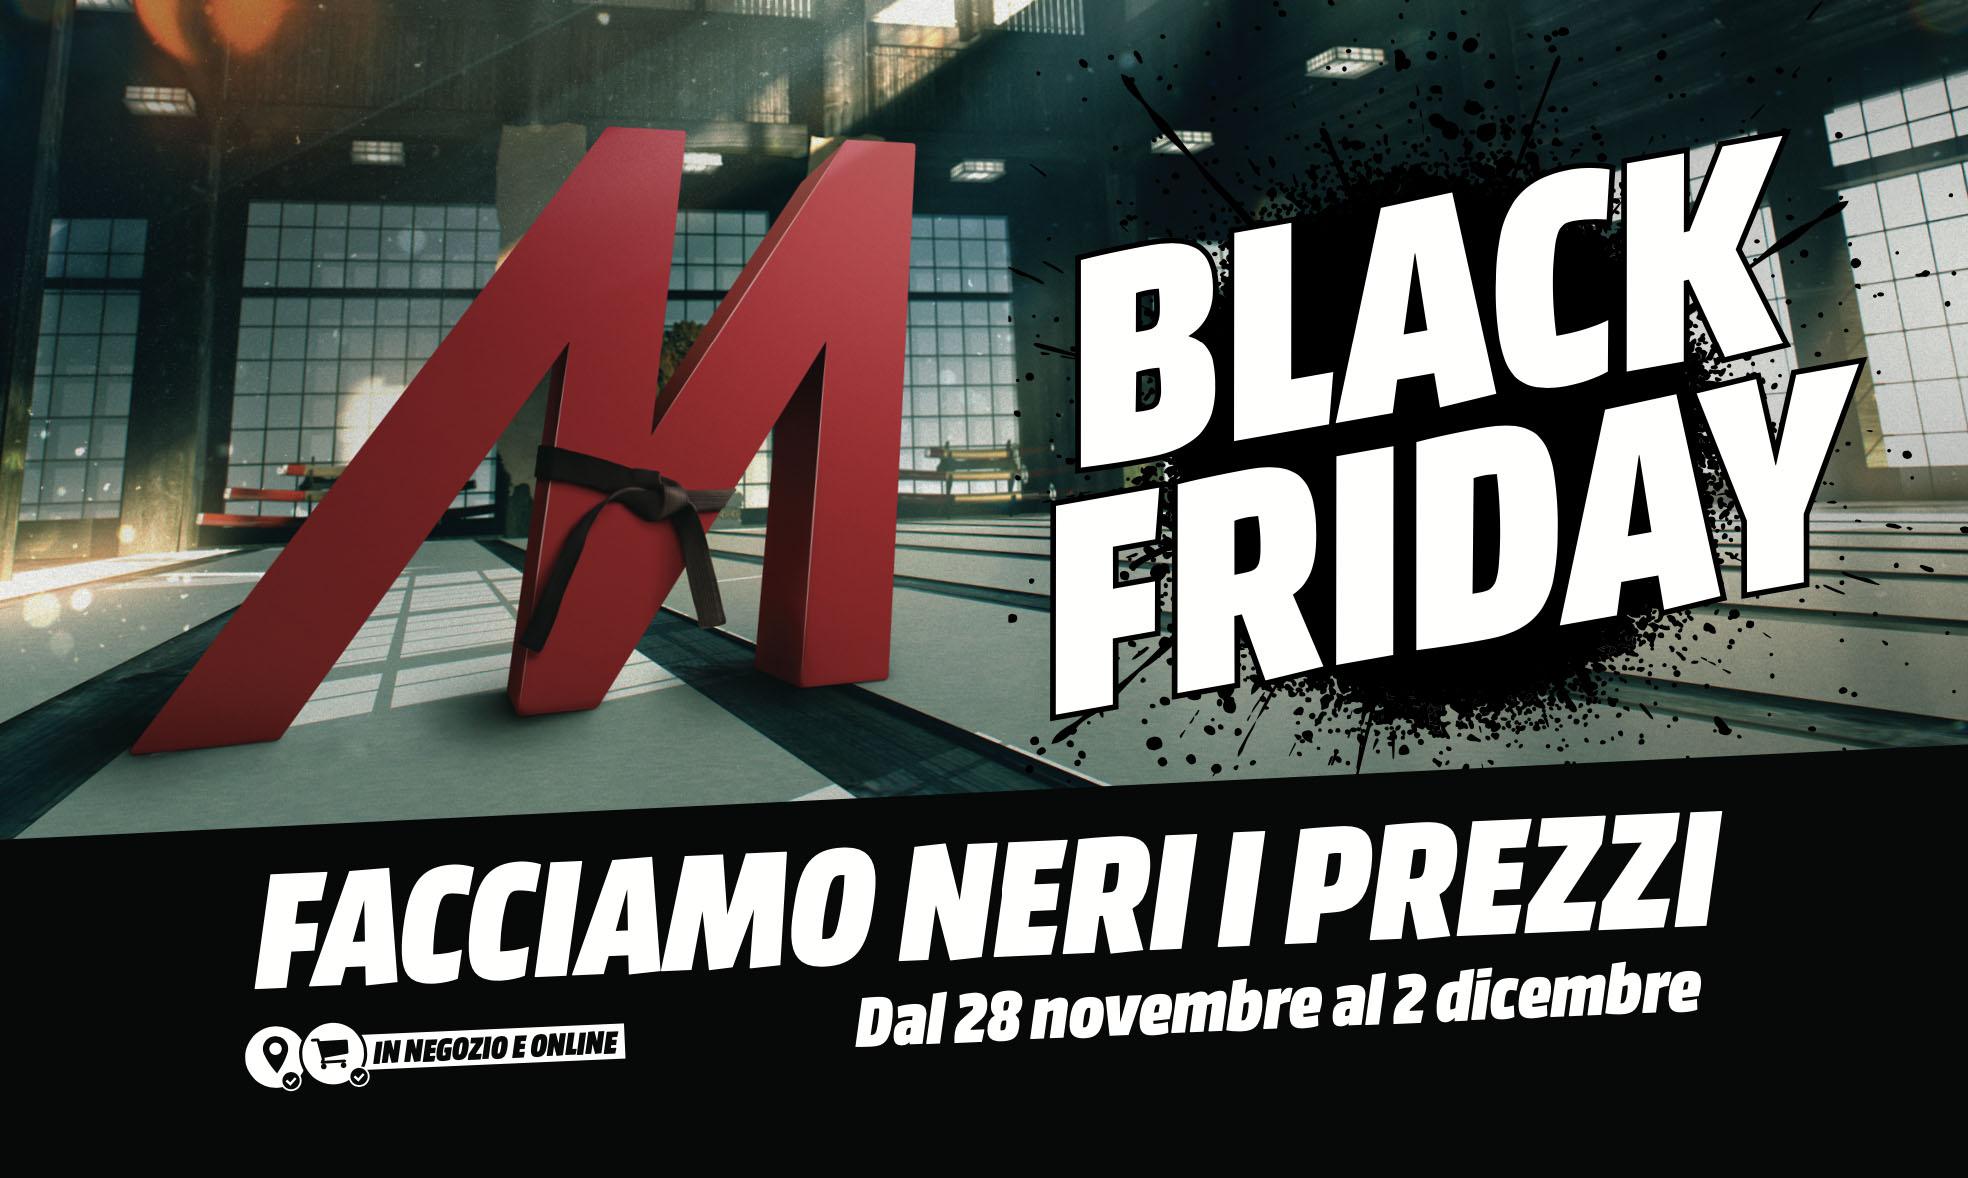 """Mediaworld e Black Friday: via alla promozione """"Facciamo Neri i Prezzi"""" thumbnail"""